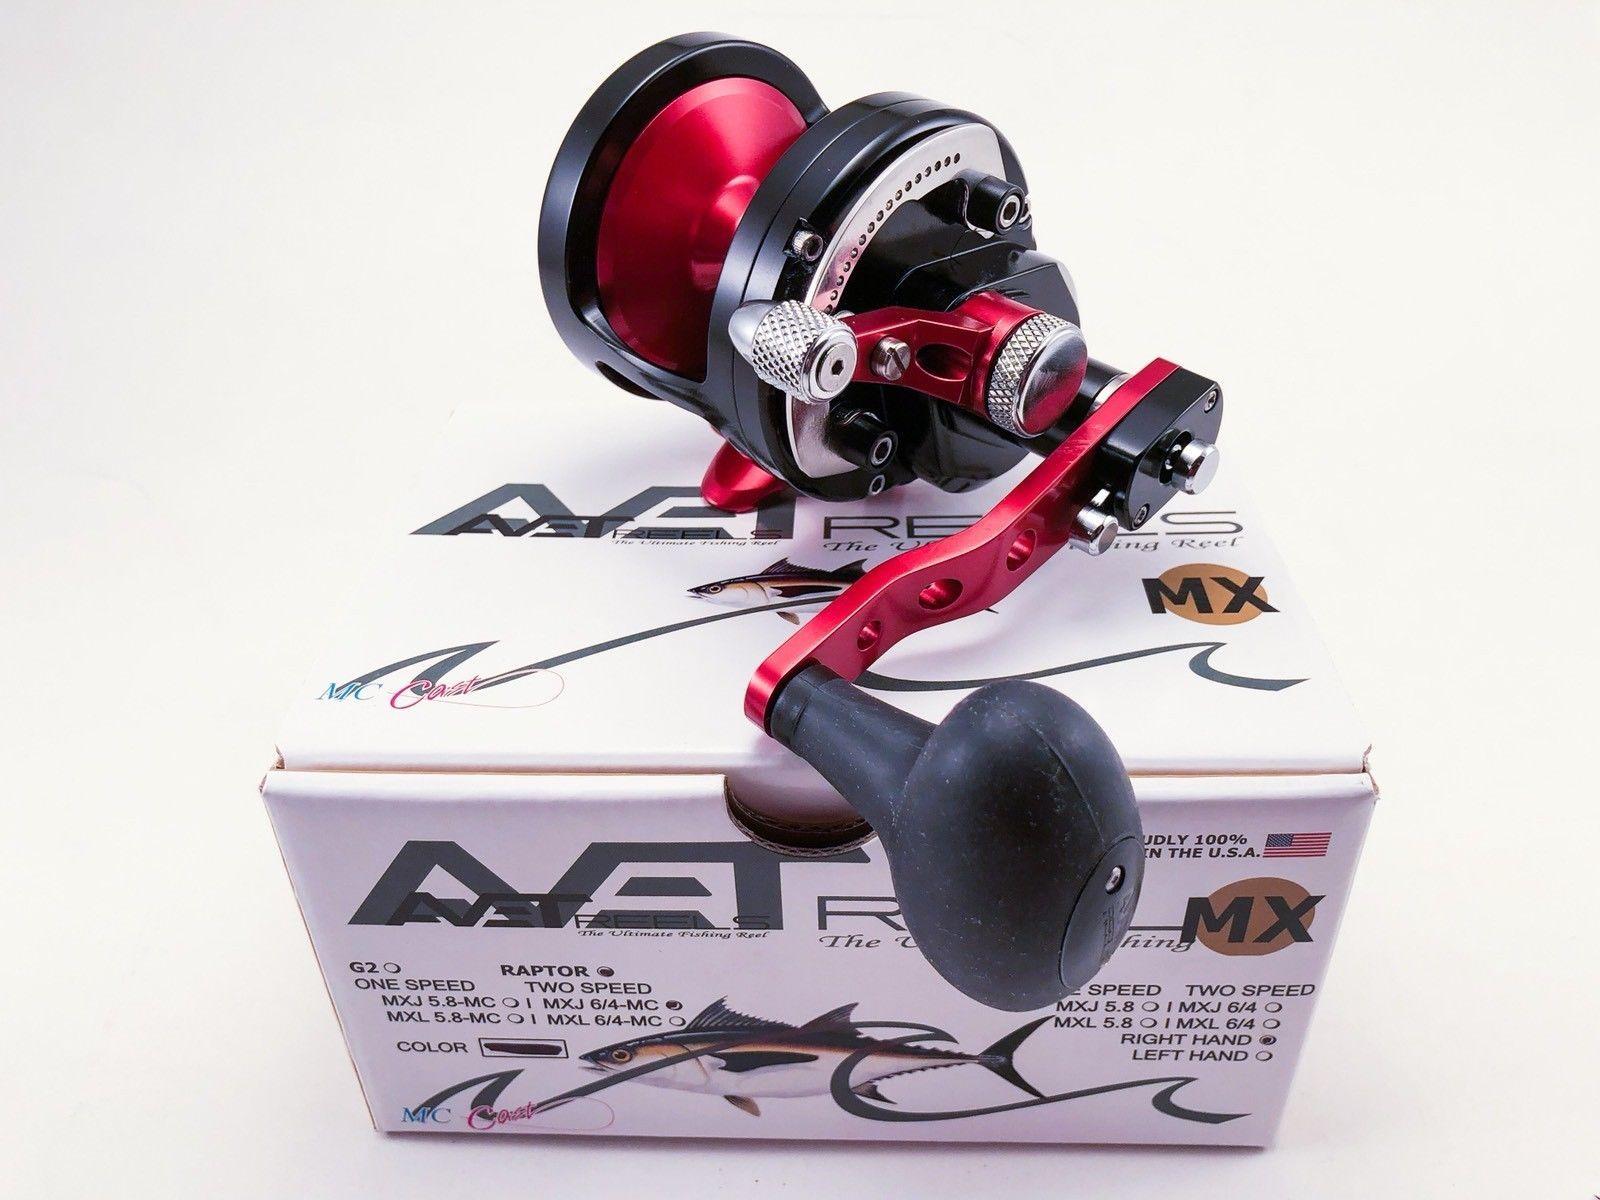 Avet MXJ 6/4 MC Raptor 2-Speed Fishing Reel * Custom Color